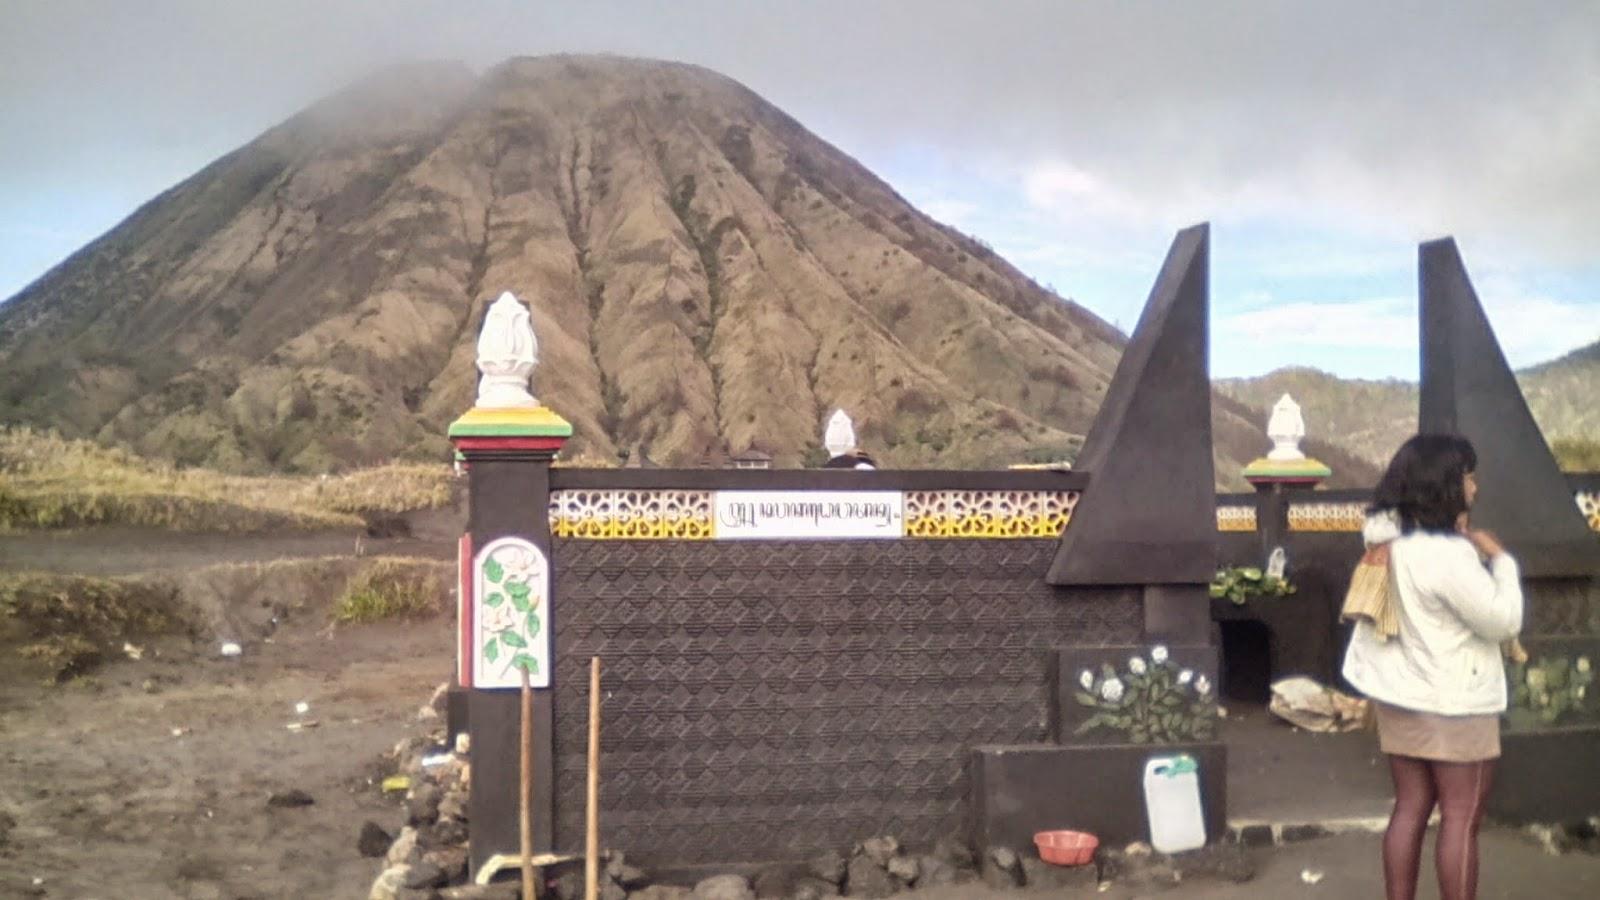 Watu Dukun Tempat Berkunjung Suku Tengger